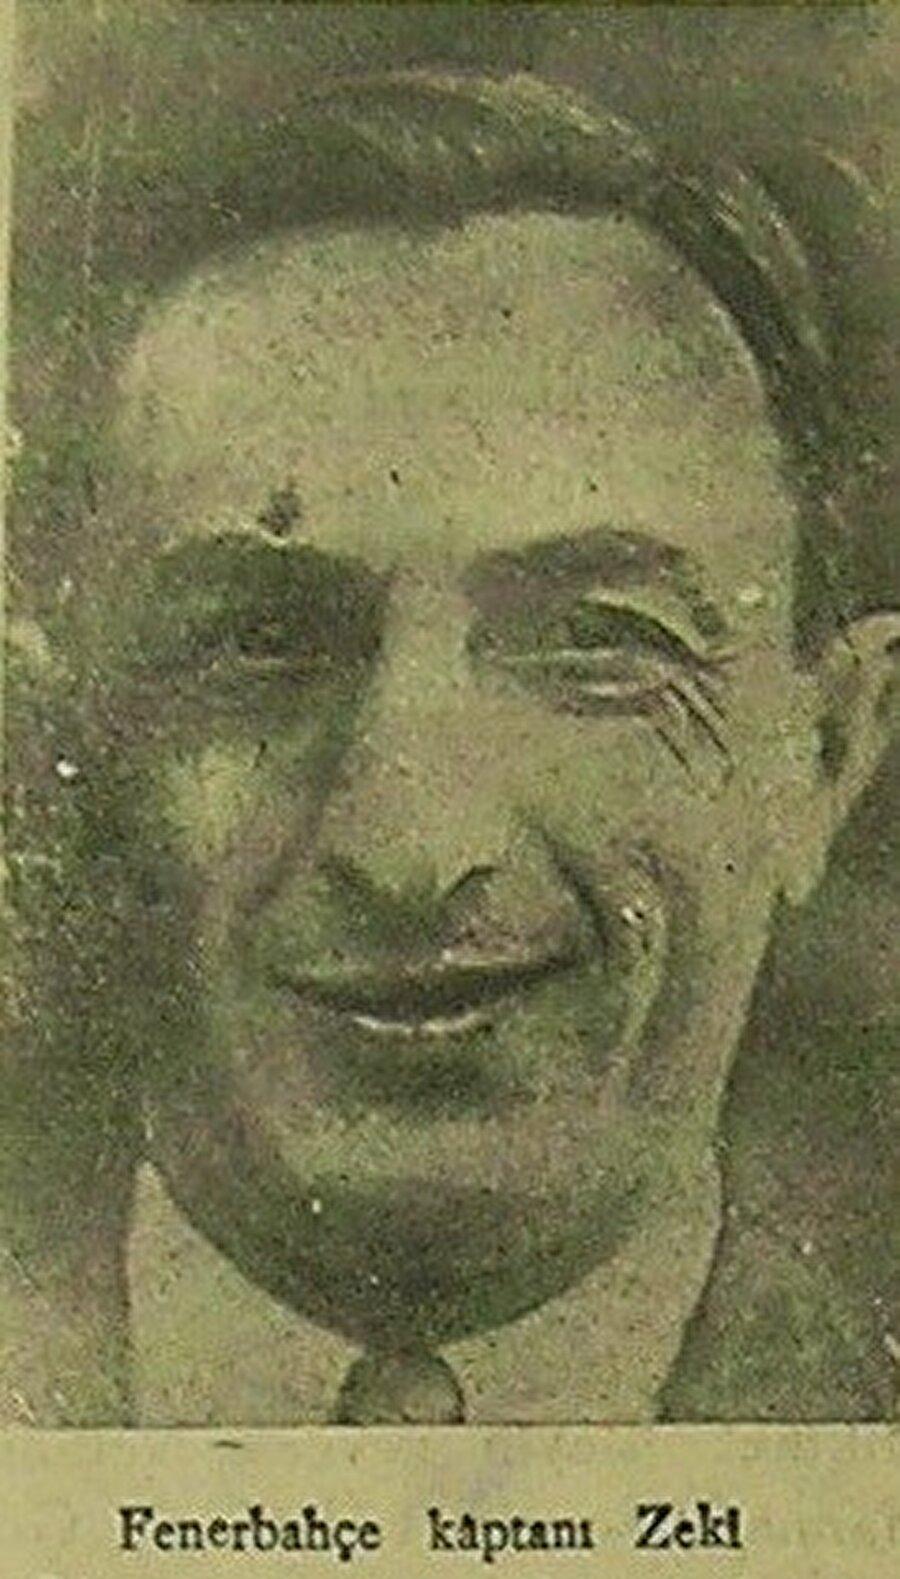 Futbol kariyerinin ardından 1940'lı yılların sonunda Zeki Rıza Sporel Rize Milletvekili seçildi. Ünlü spor adamı 3 Kasım 1969'da vefat etti.